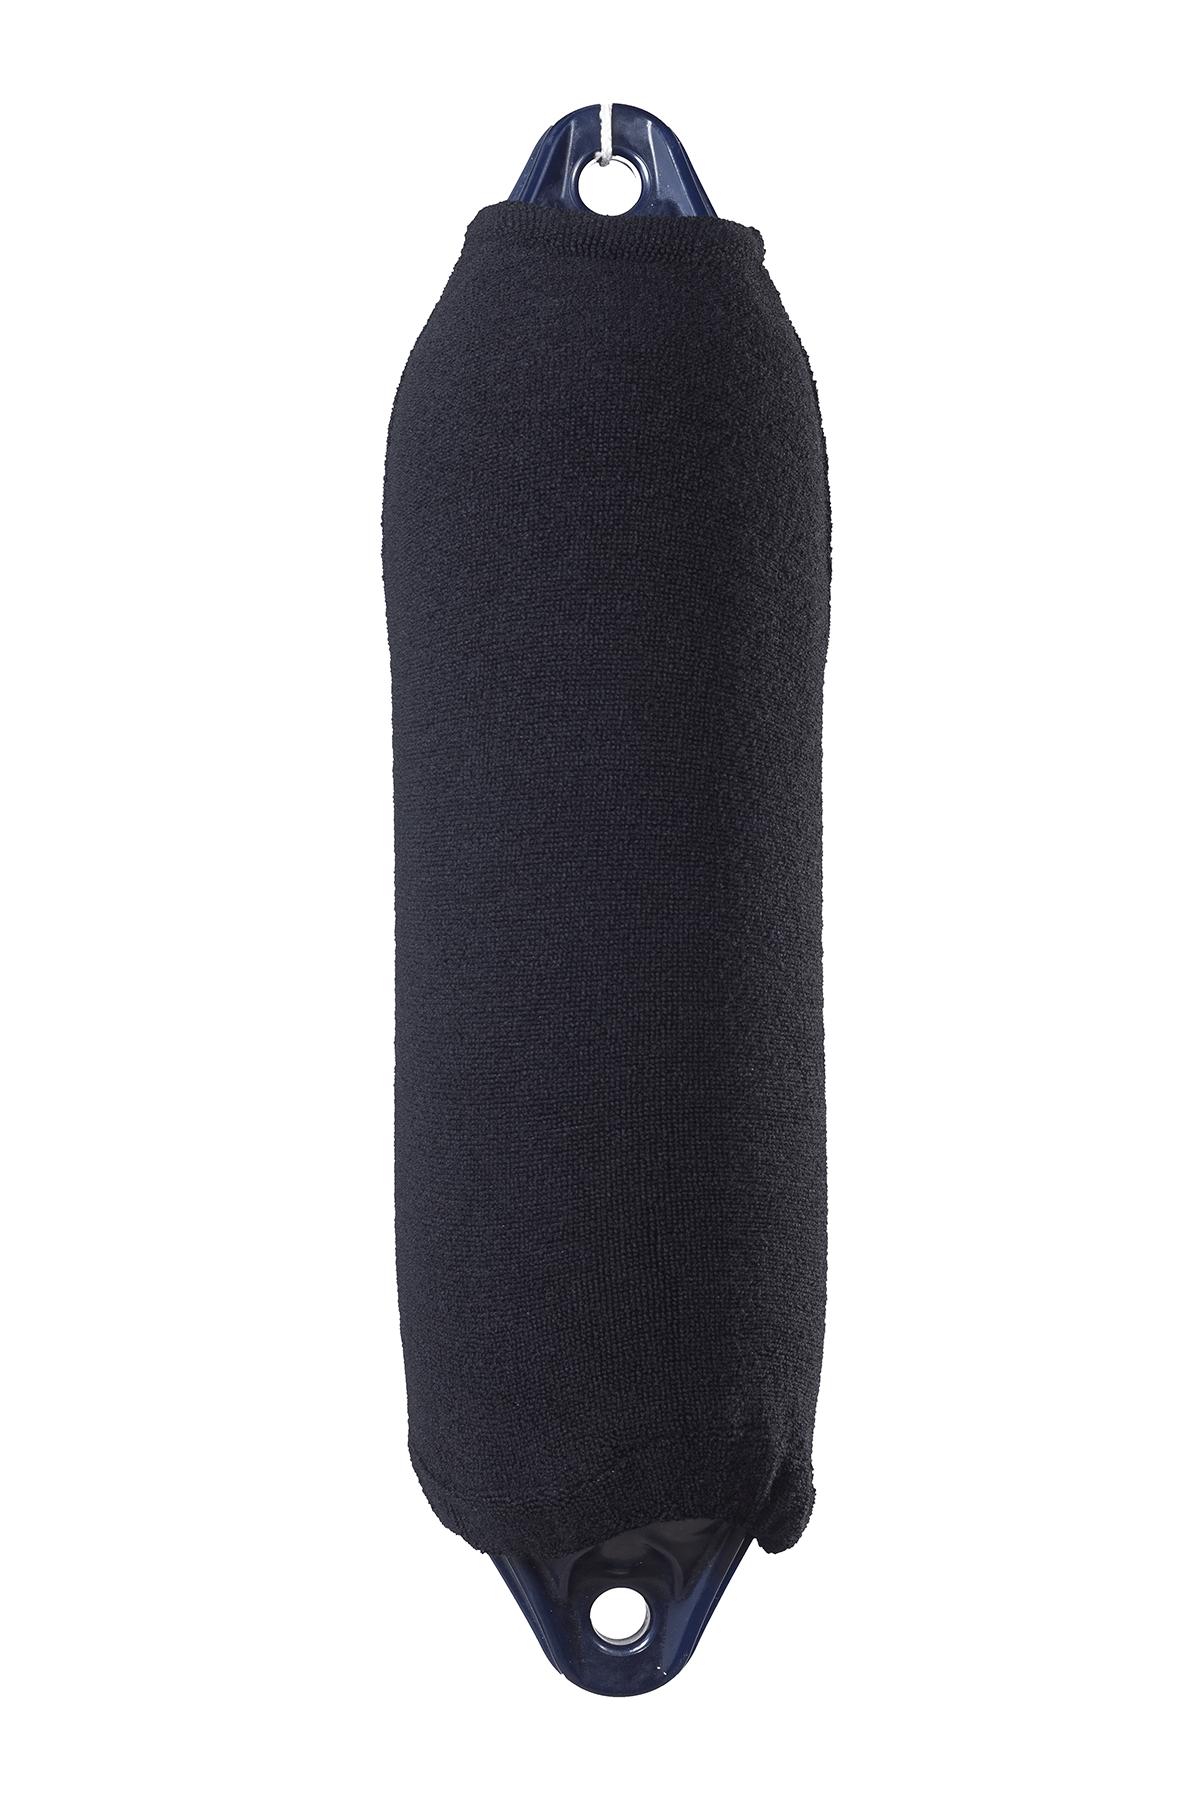 59.16 - Καλύμματα Μακρόστενων Μπαλονιών 104cm Χρώματος Μαύρου - Σετ Των 2 Τεμαχίων